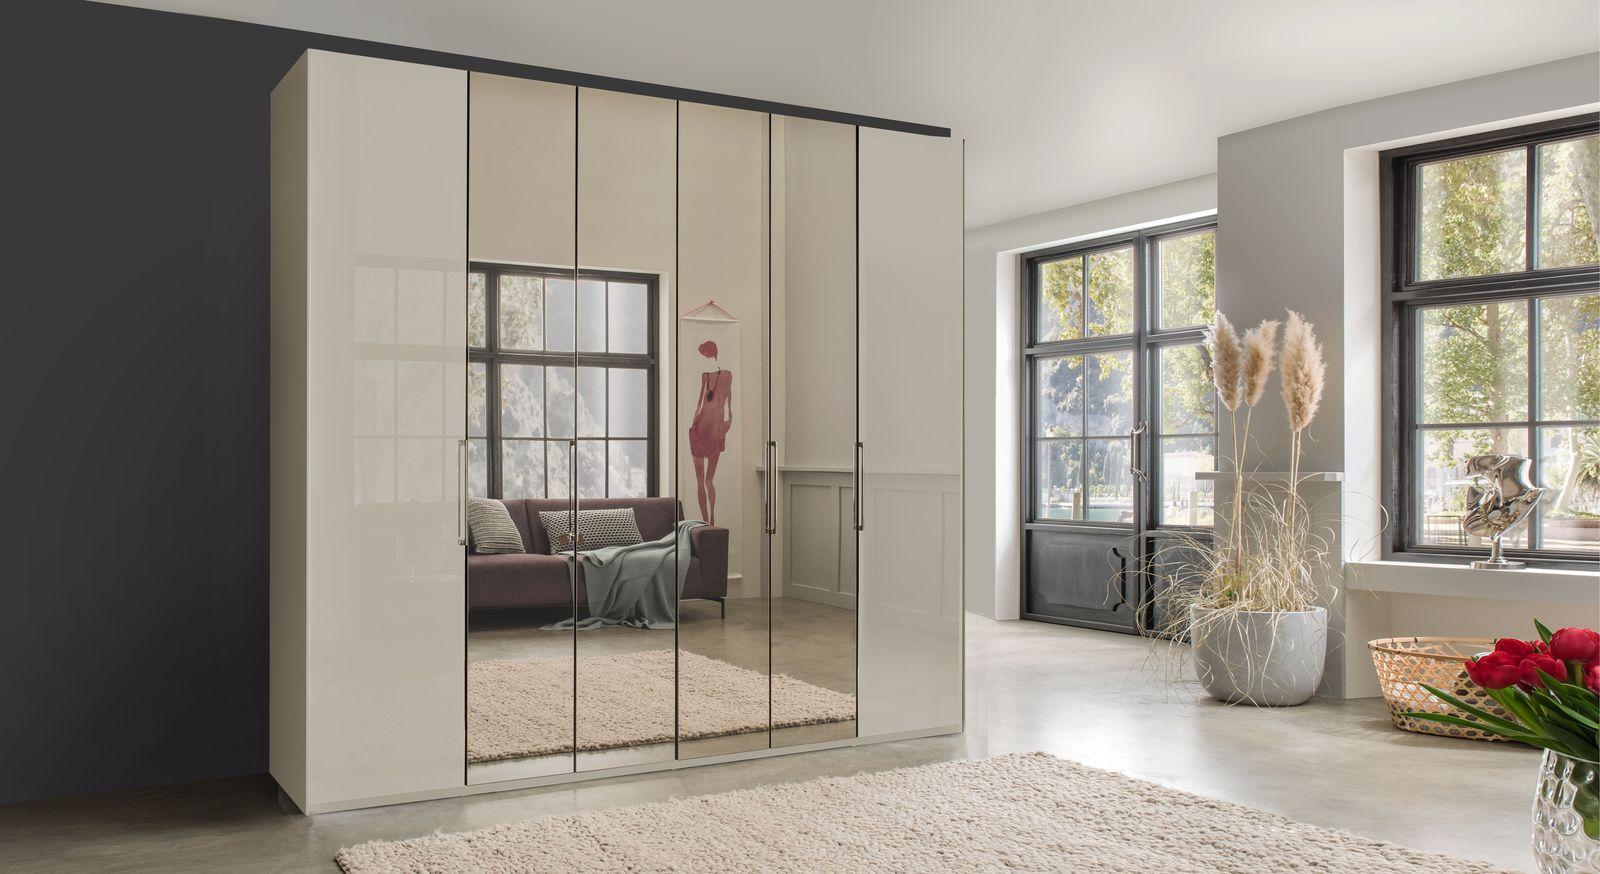 Spiegel-Falttüren-Kleiderschrank Northville mit pflegeleichter Glasfront